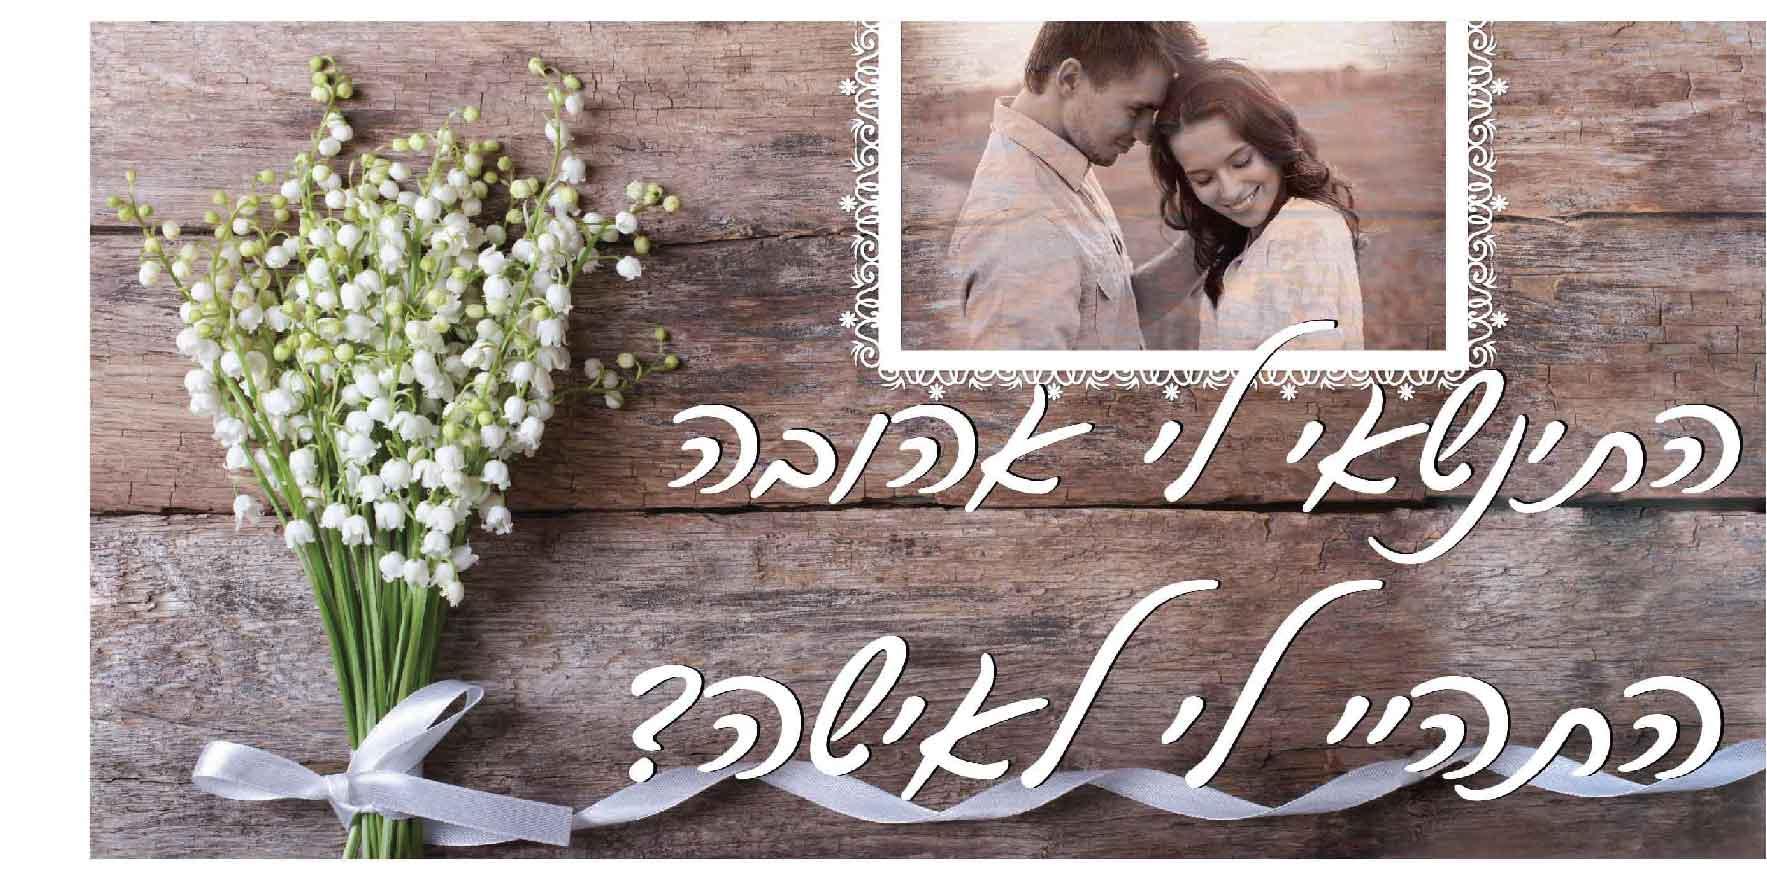 שלט הצעת נישואין 1 מ' על 2 מ' U5033